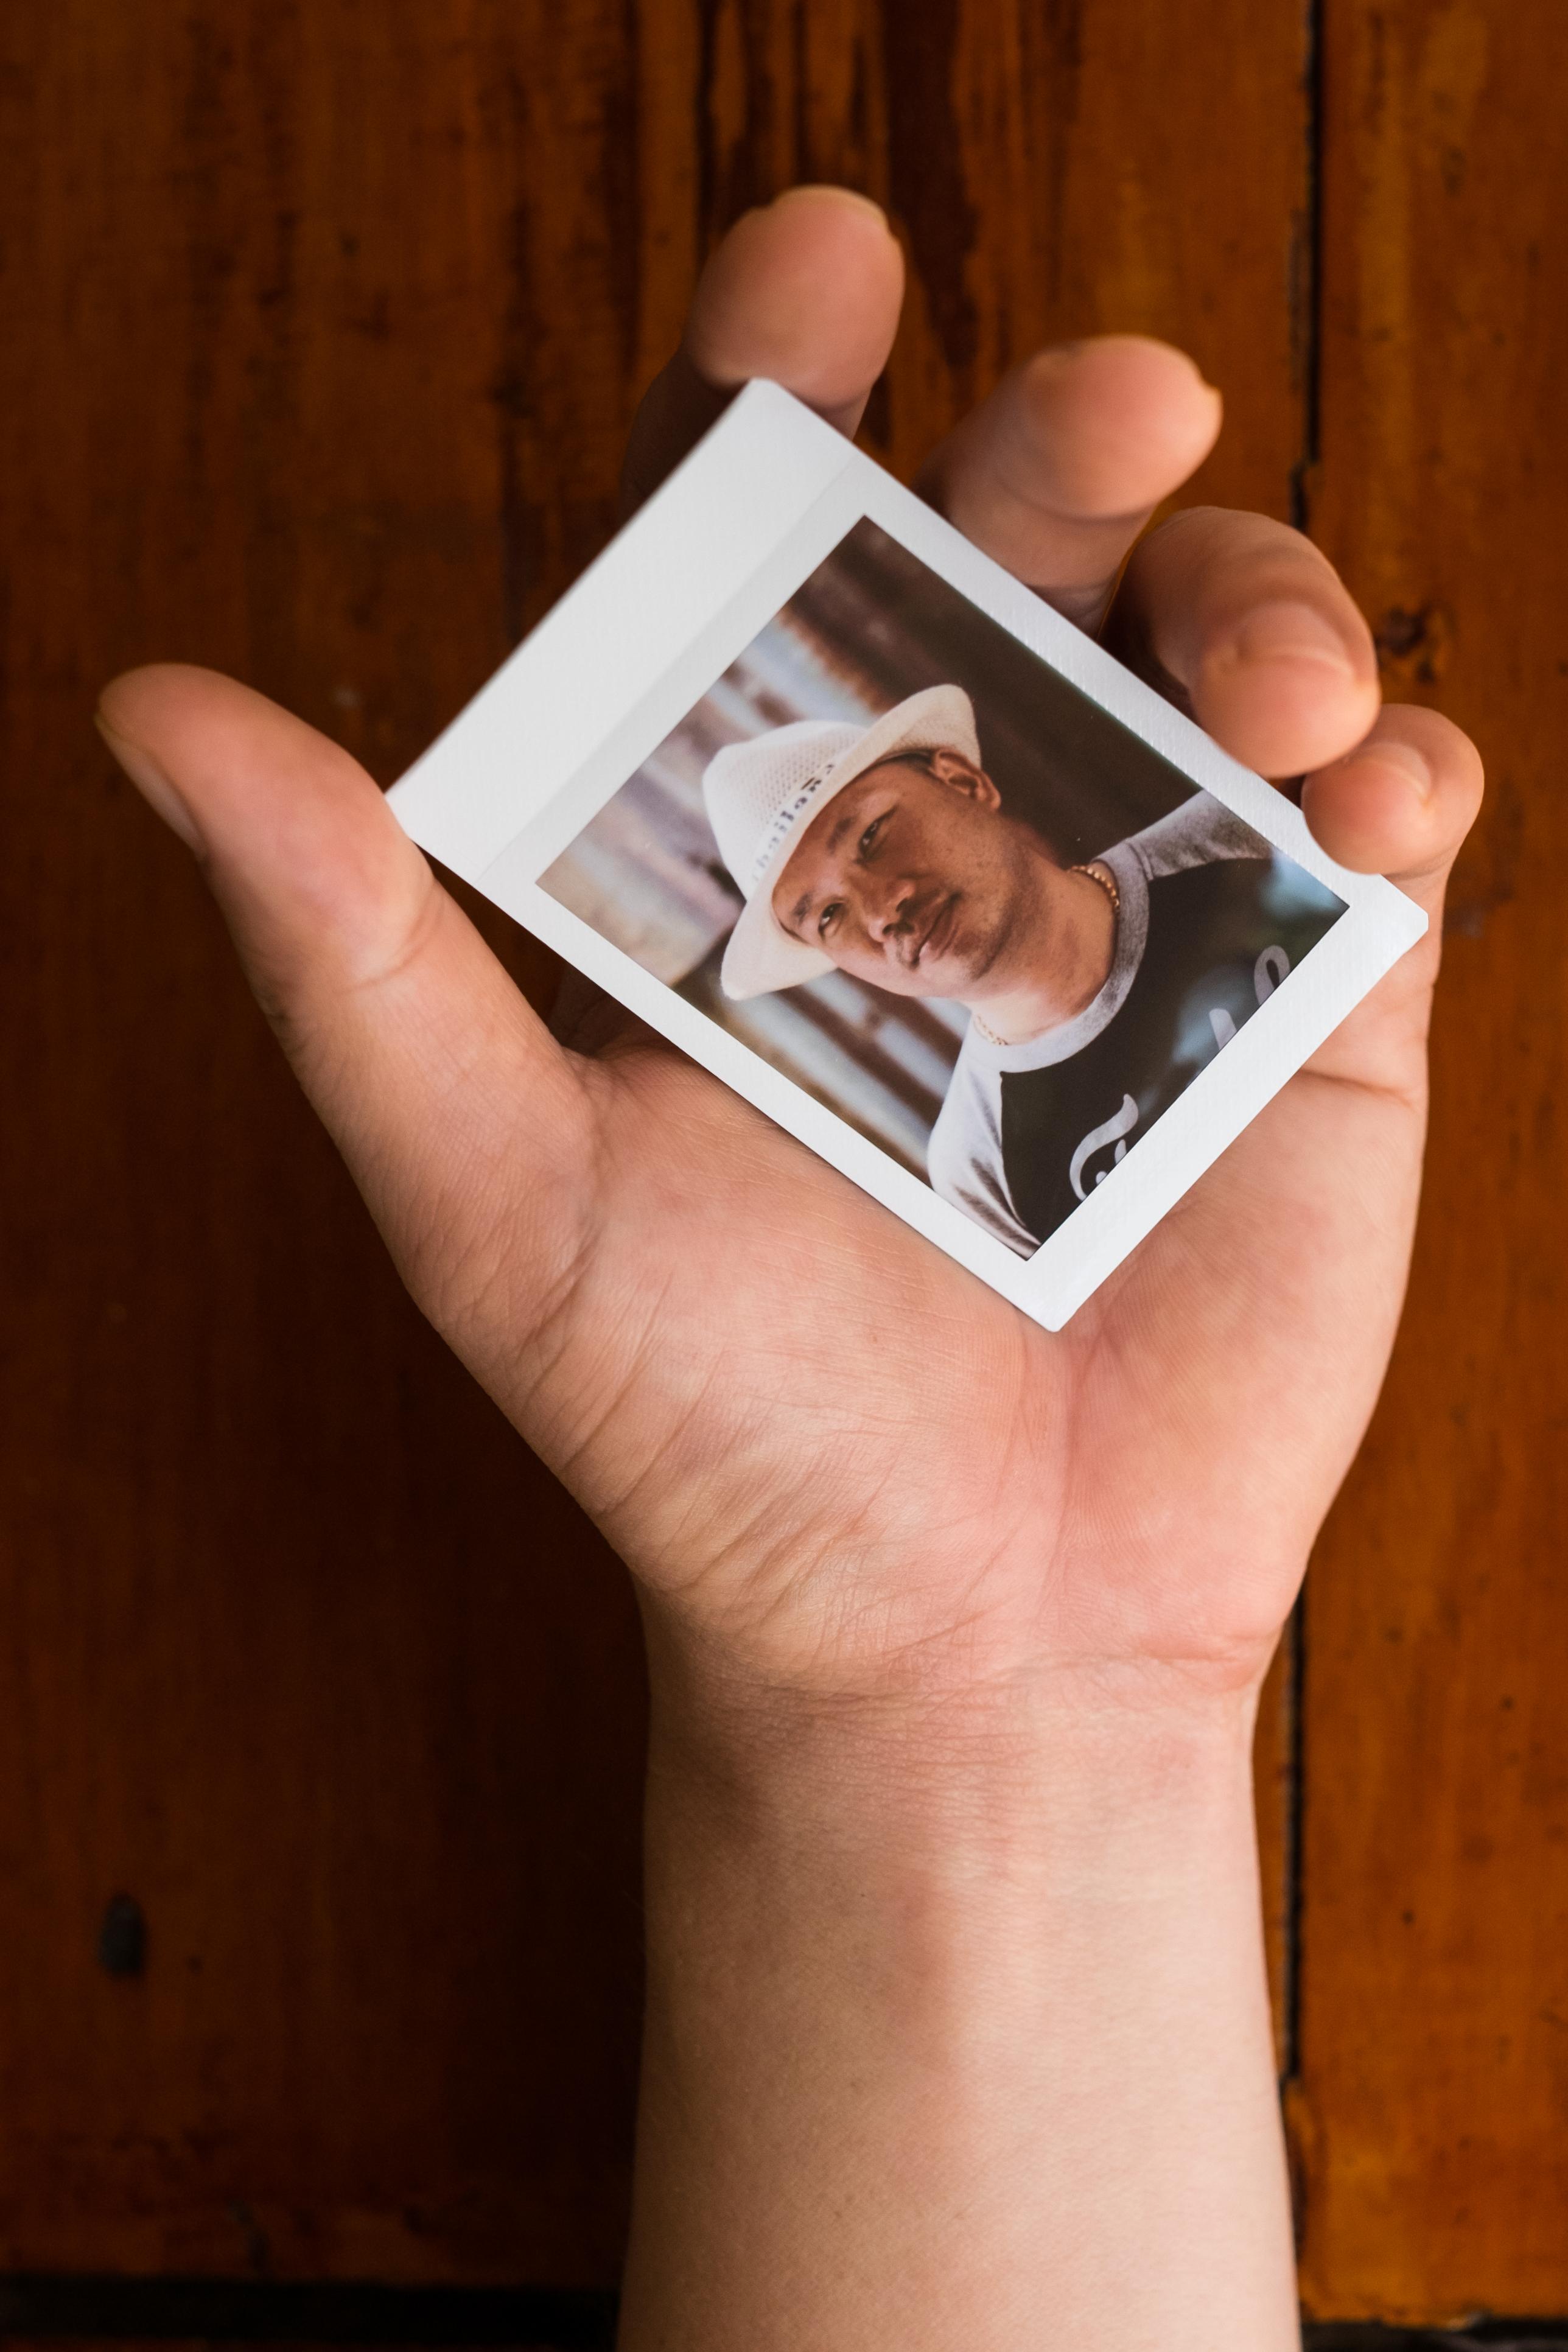 Olivier Bourget portrait dans la main-121